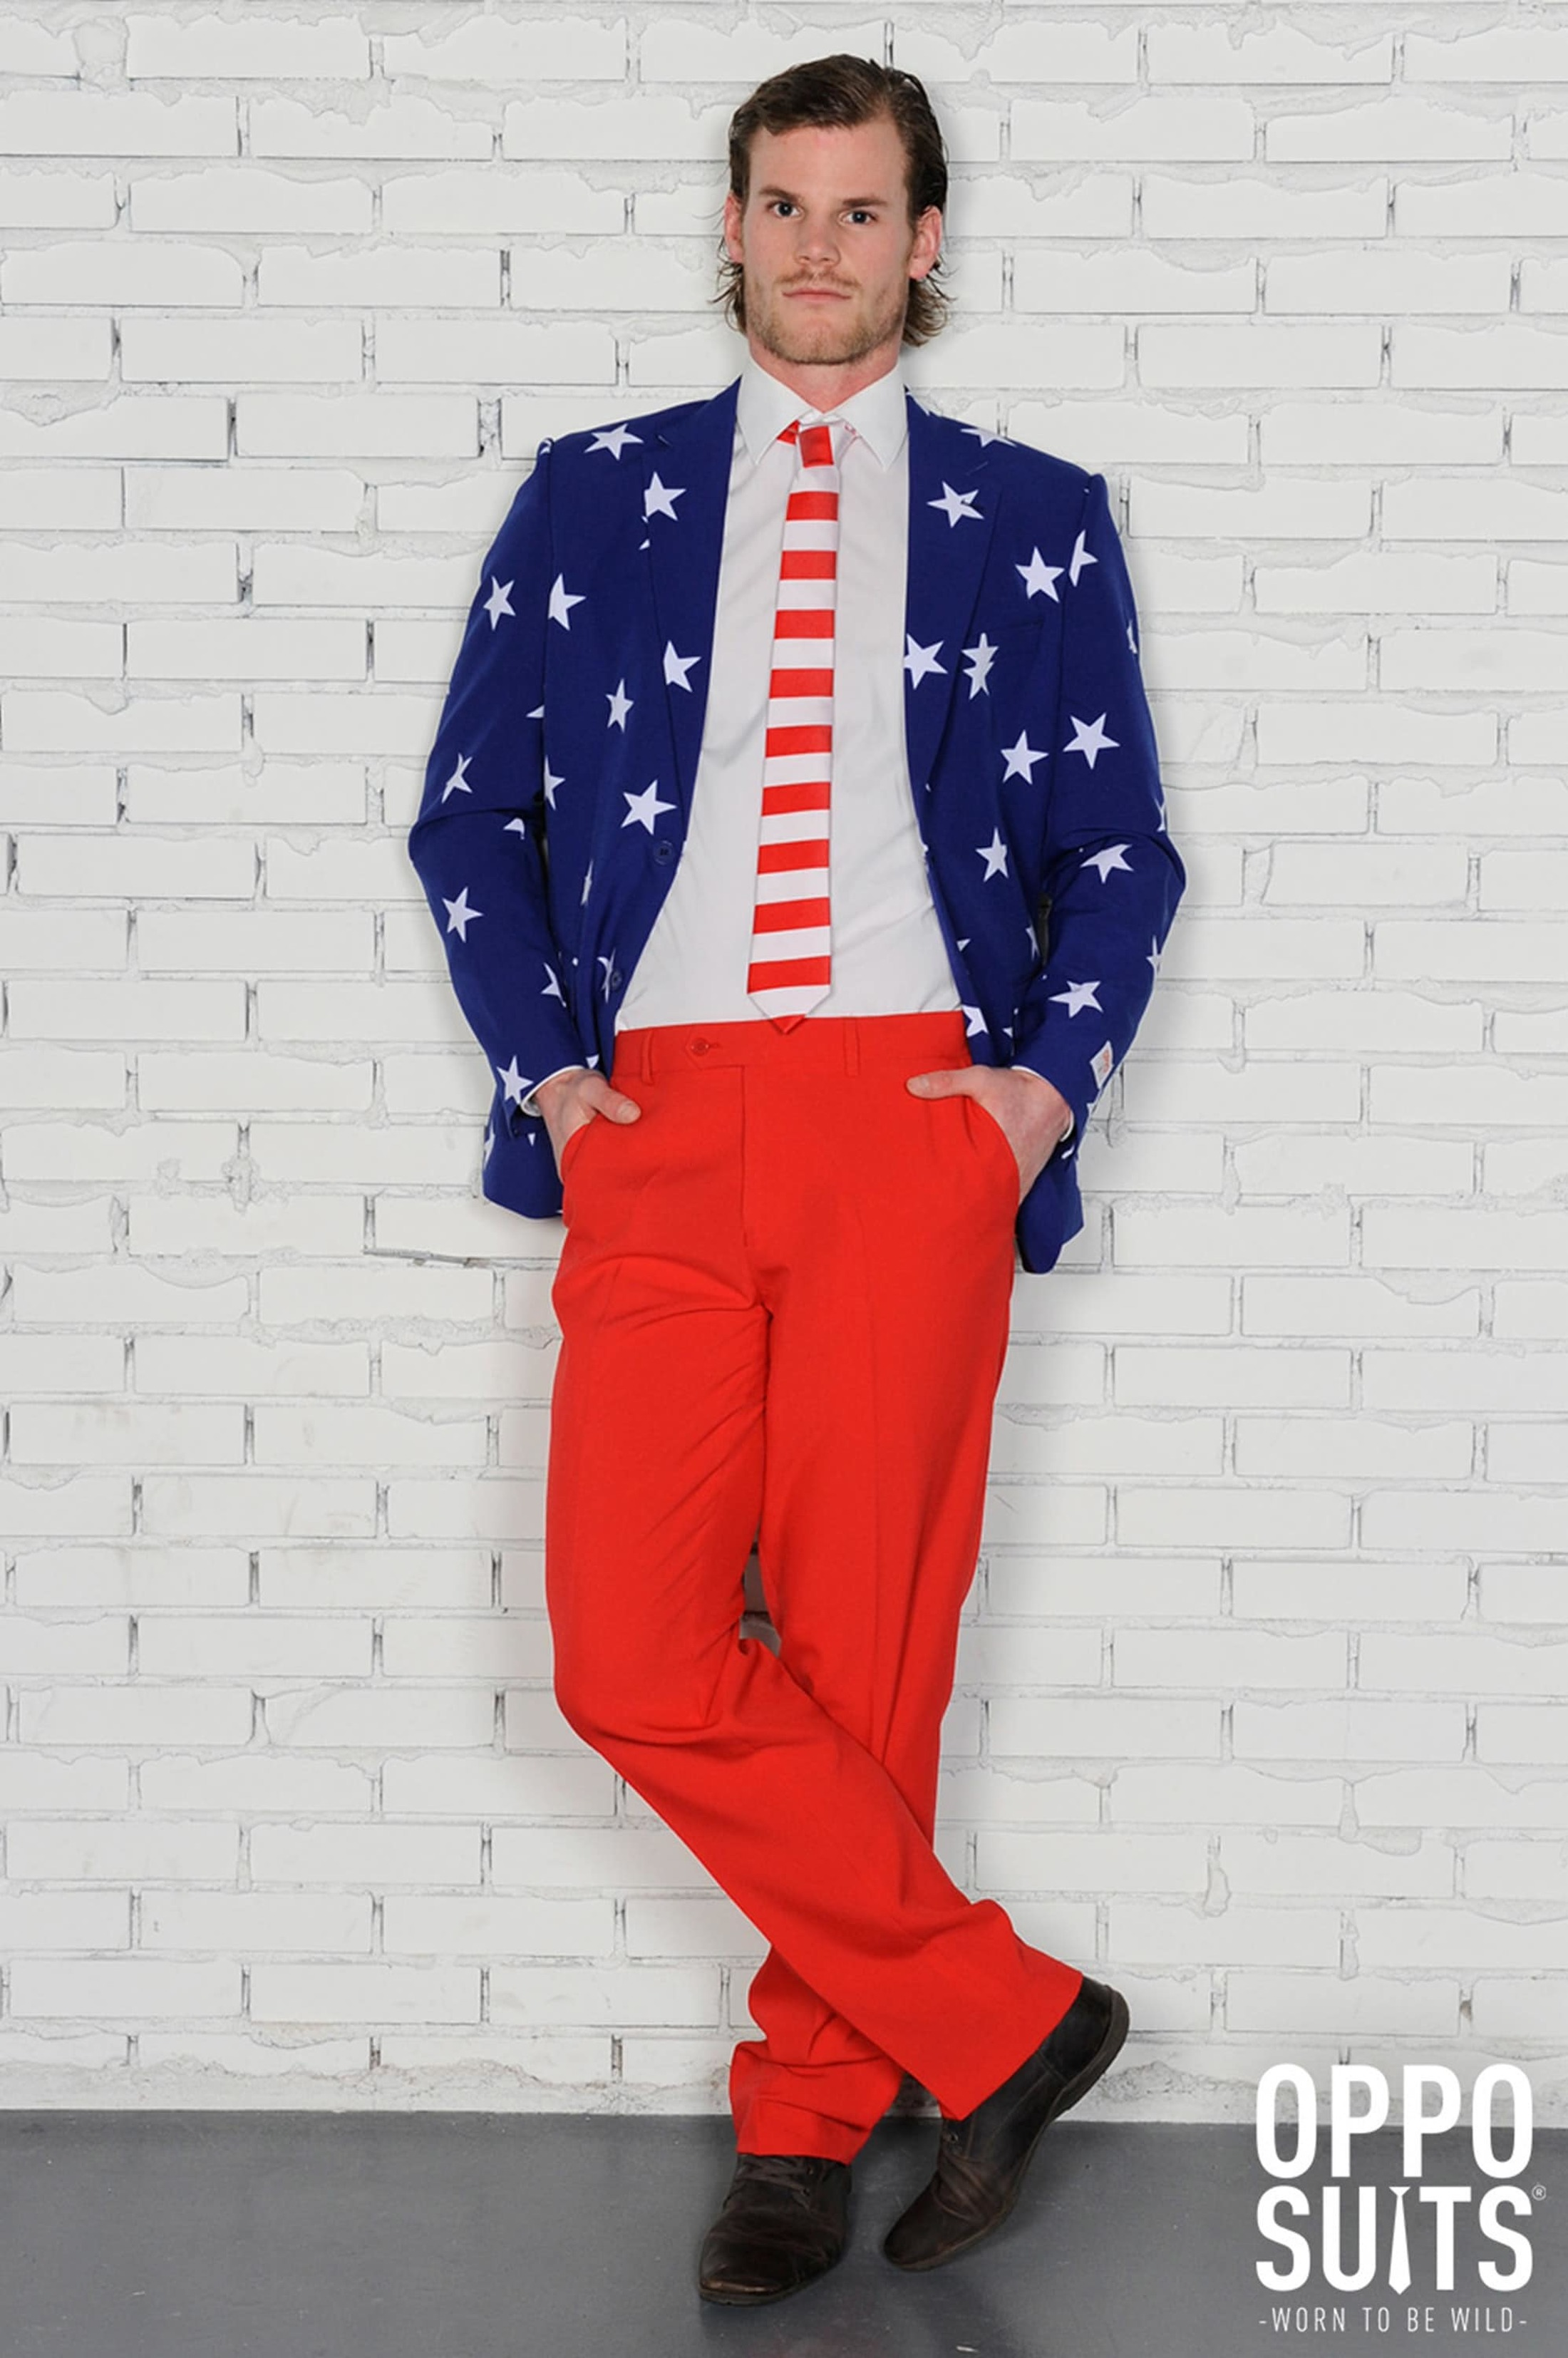 OppoSuits Stars and Stripes Kostüm foto 4